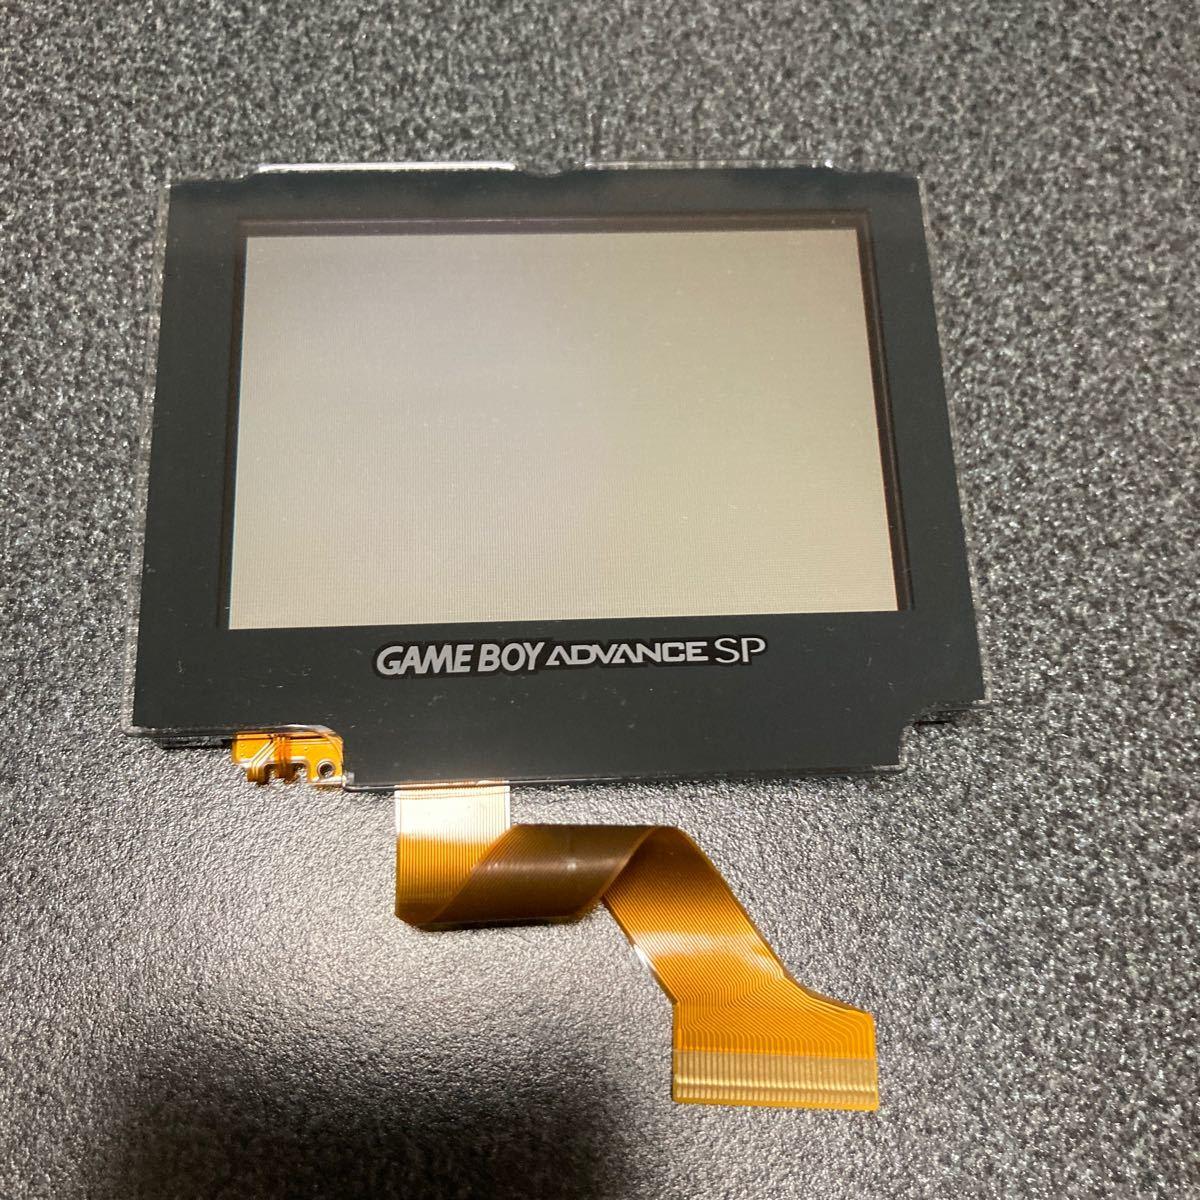 ゲームボーイアドバンスSP用フロントライト液晶